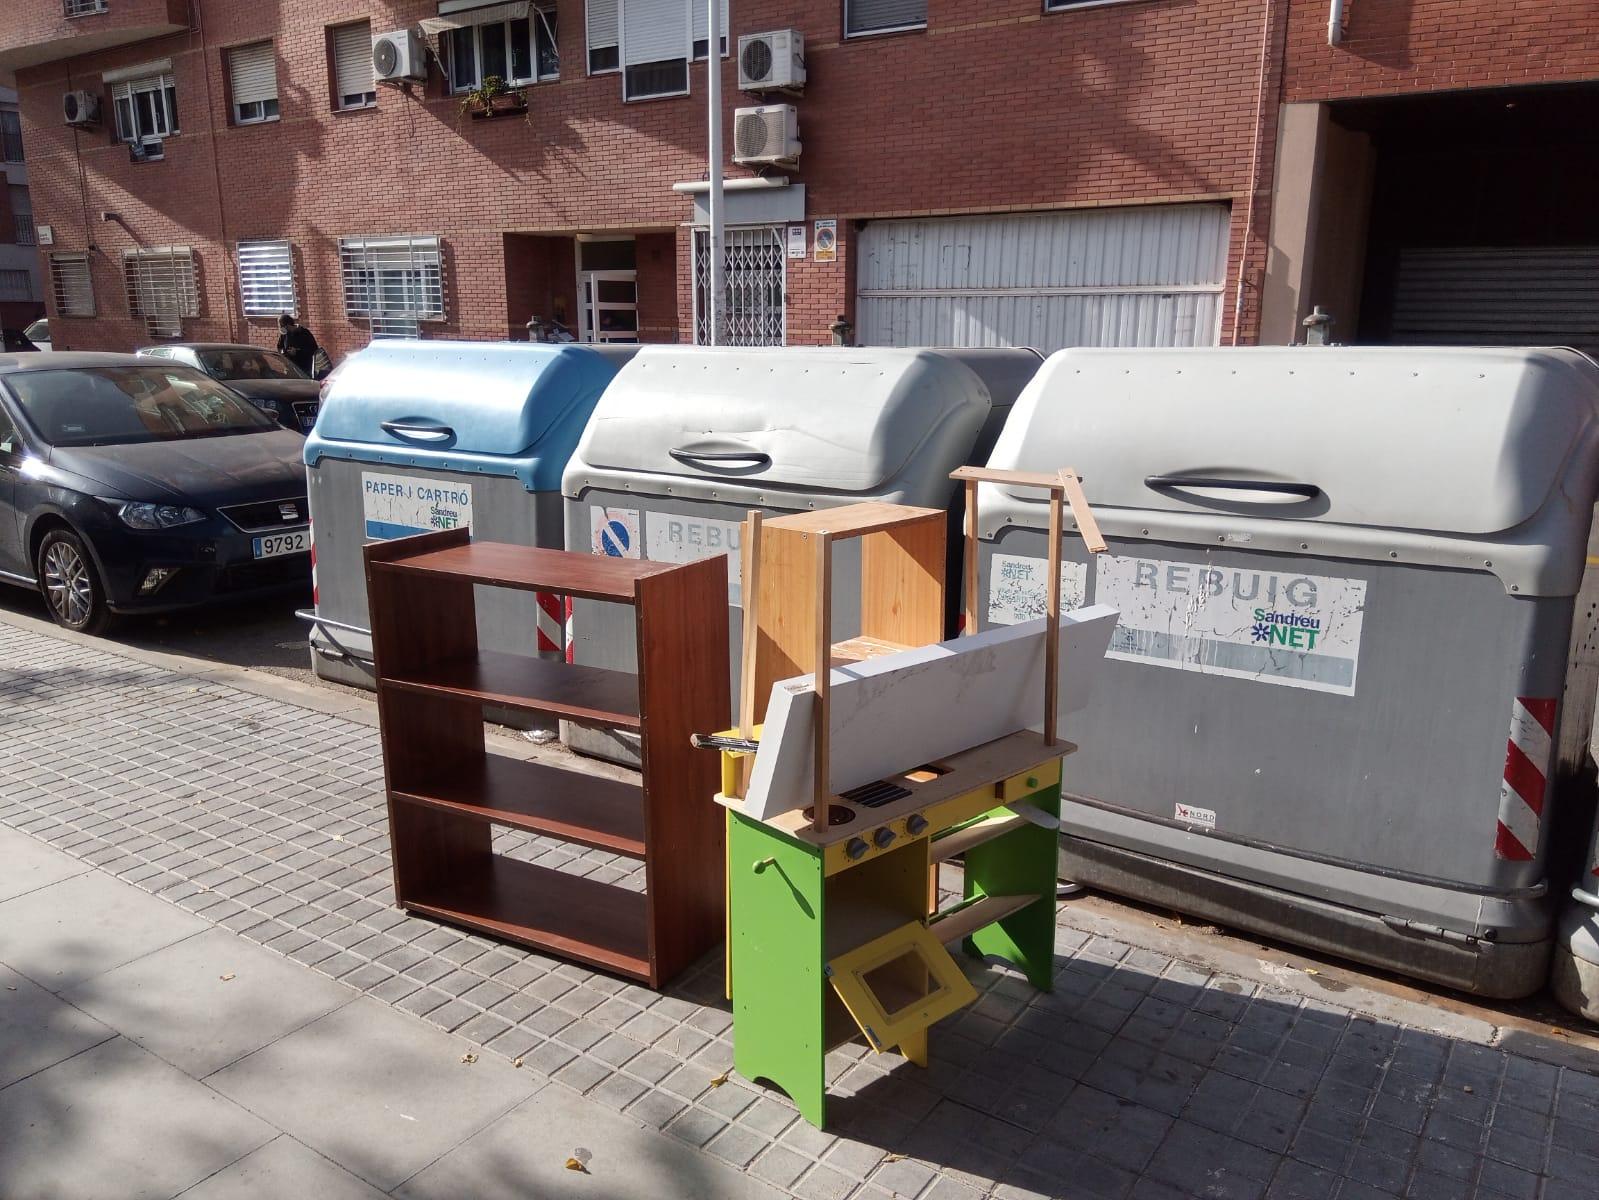 L'Ajuntament reforça el servei de recollida de mobles vells i andròmines